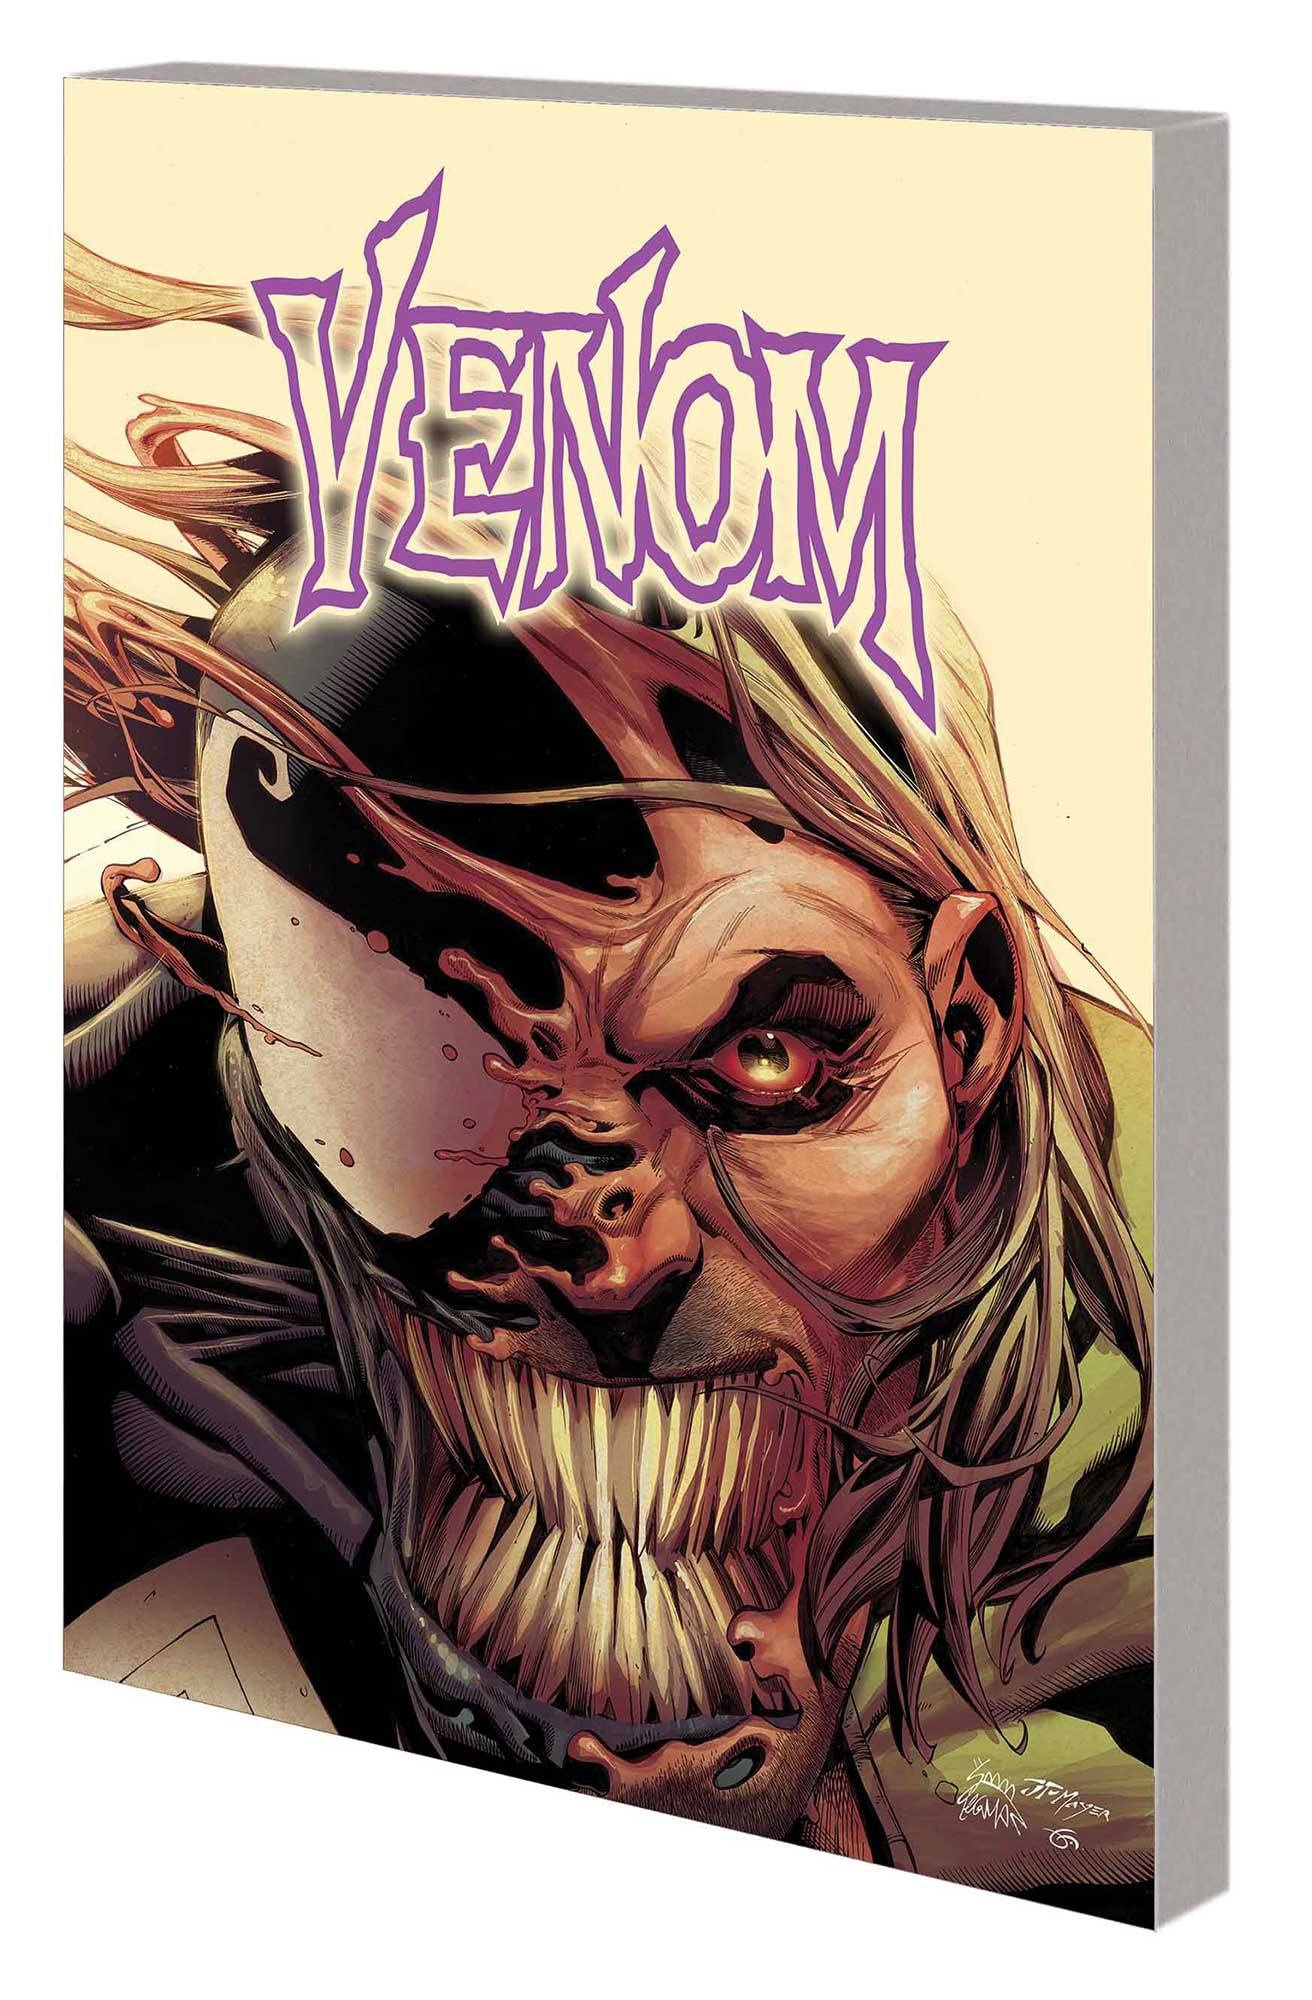 Venom v.2: The Abyss